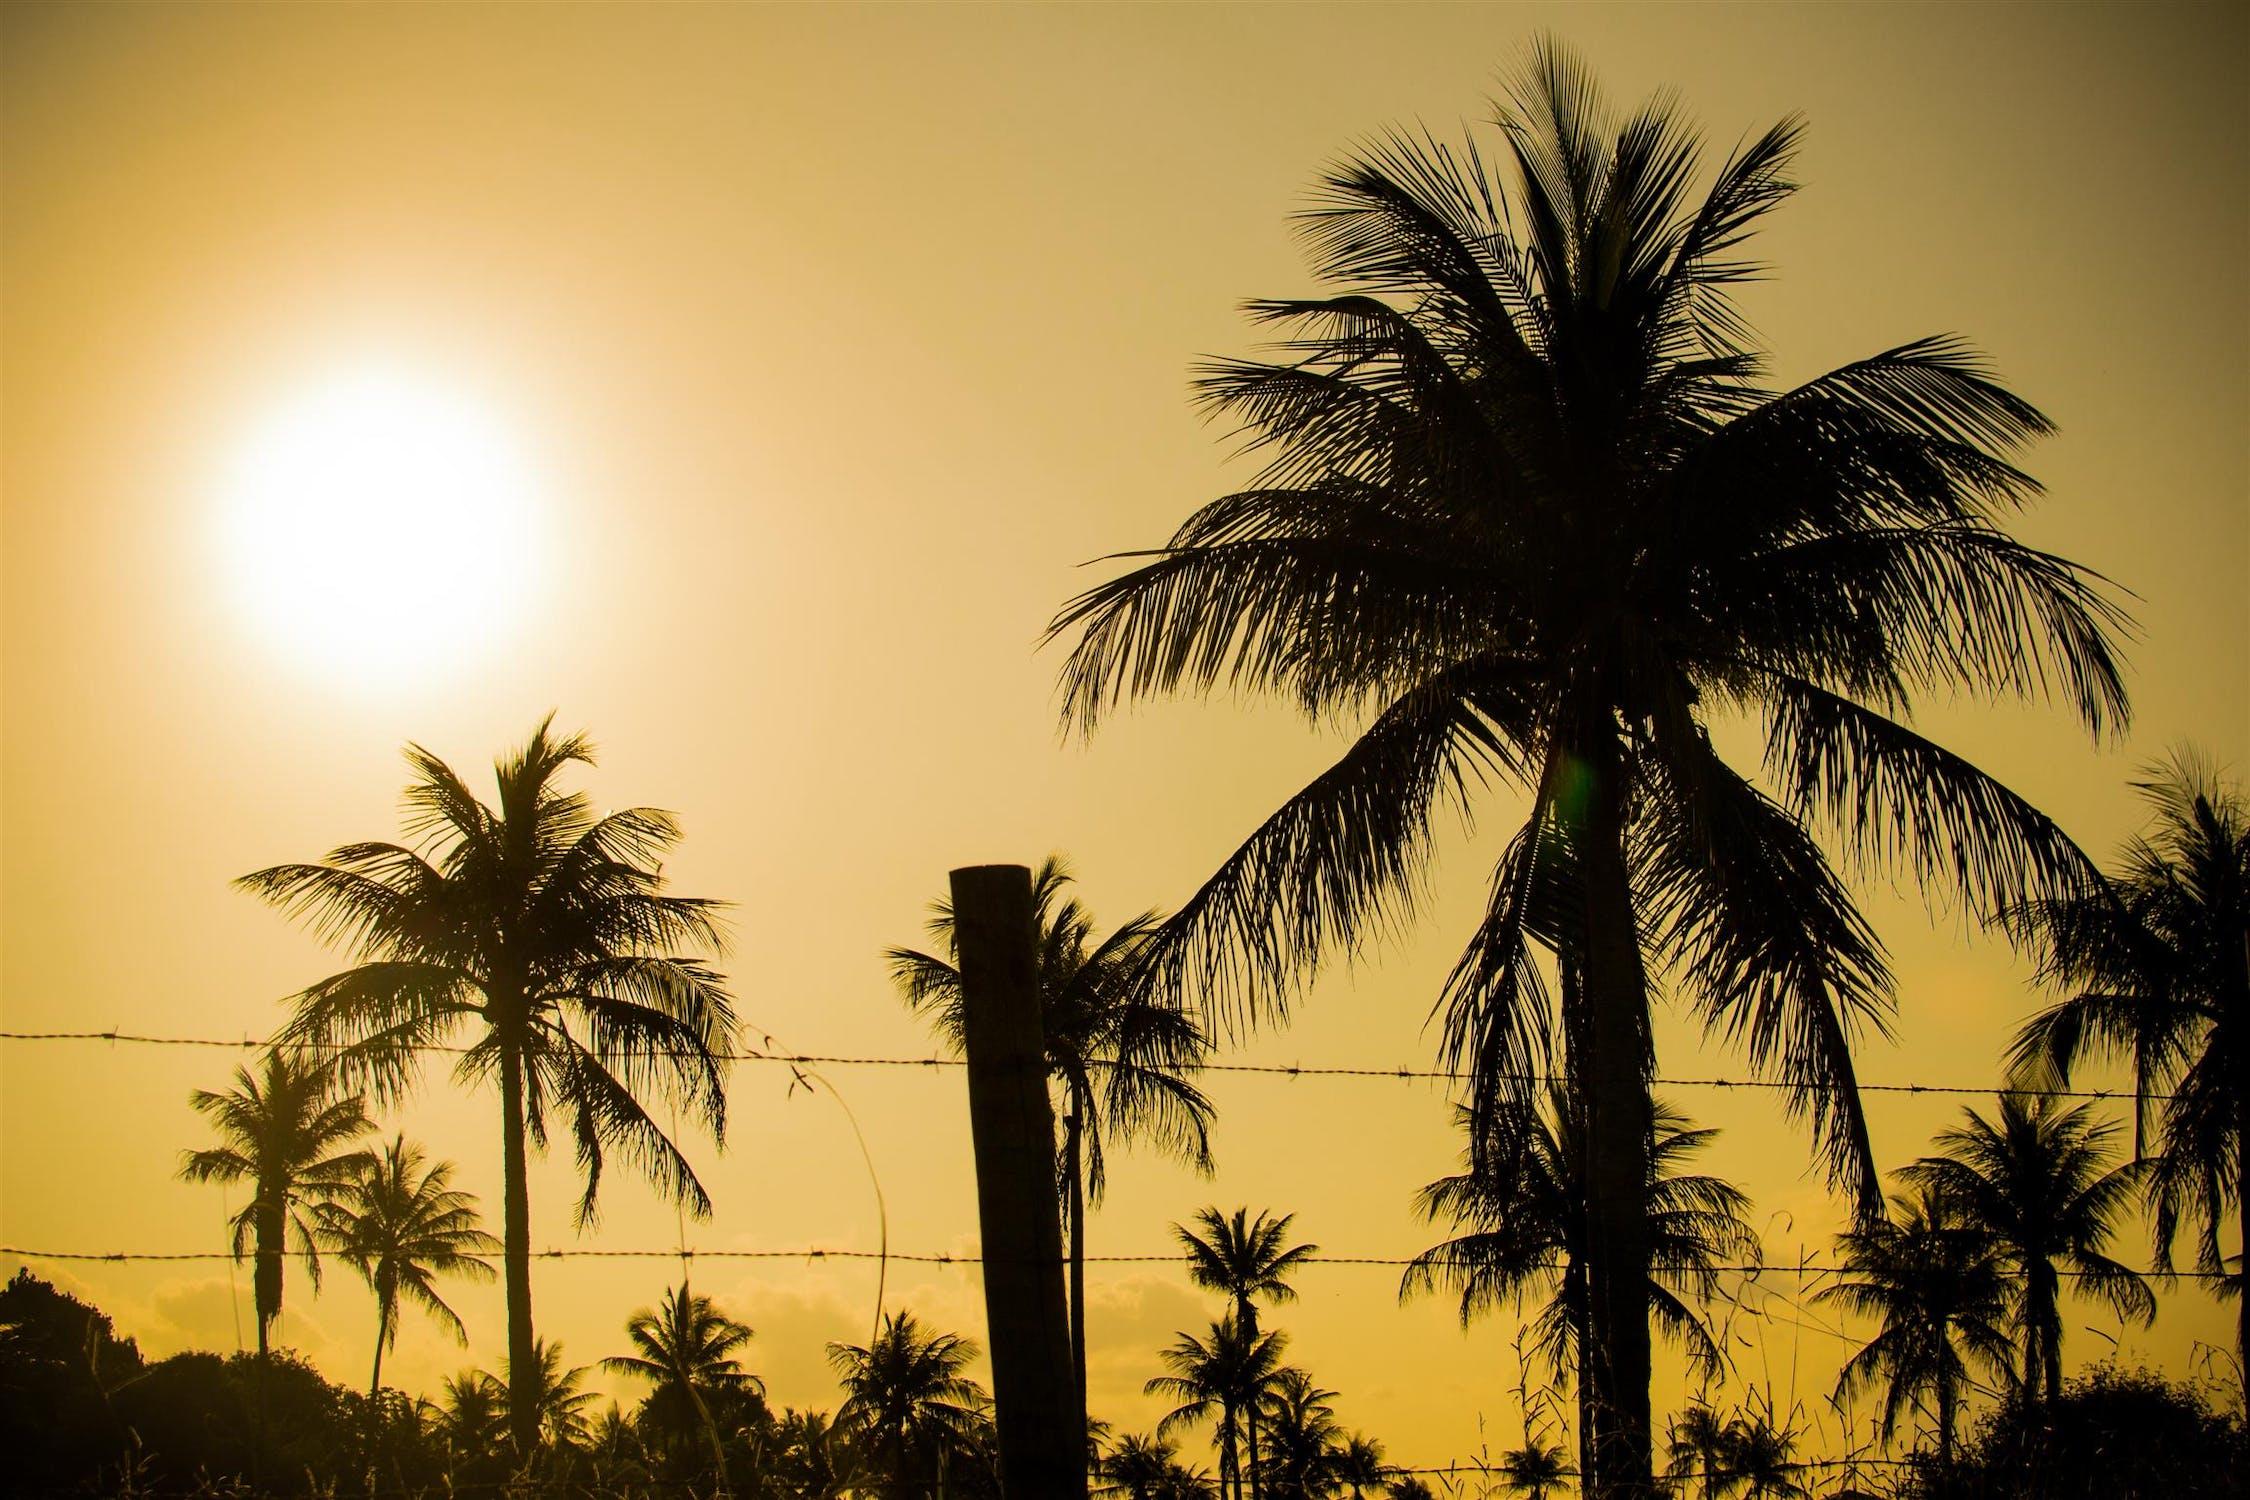 картинка пальмы и солнца милей есть